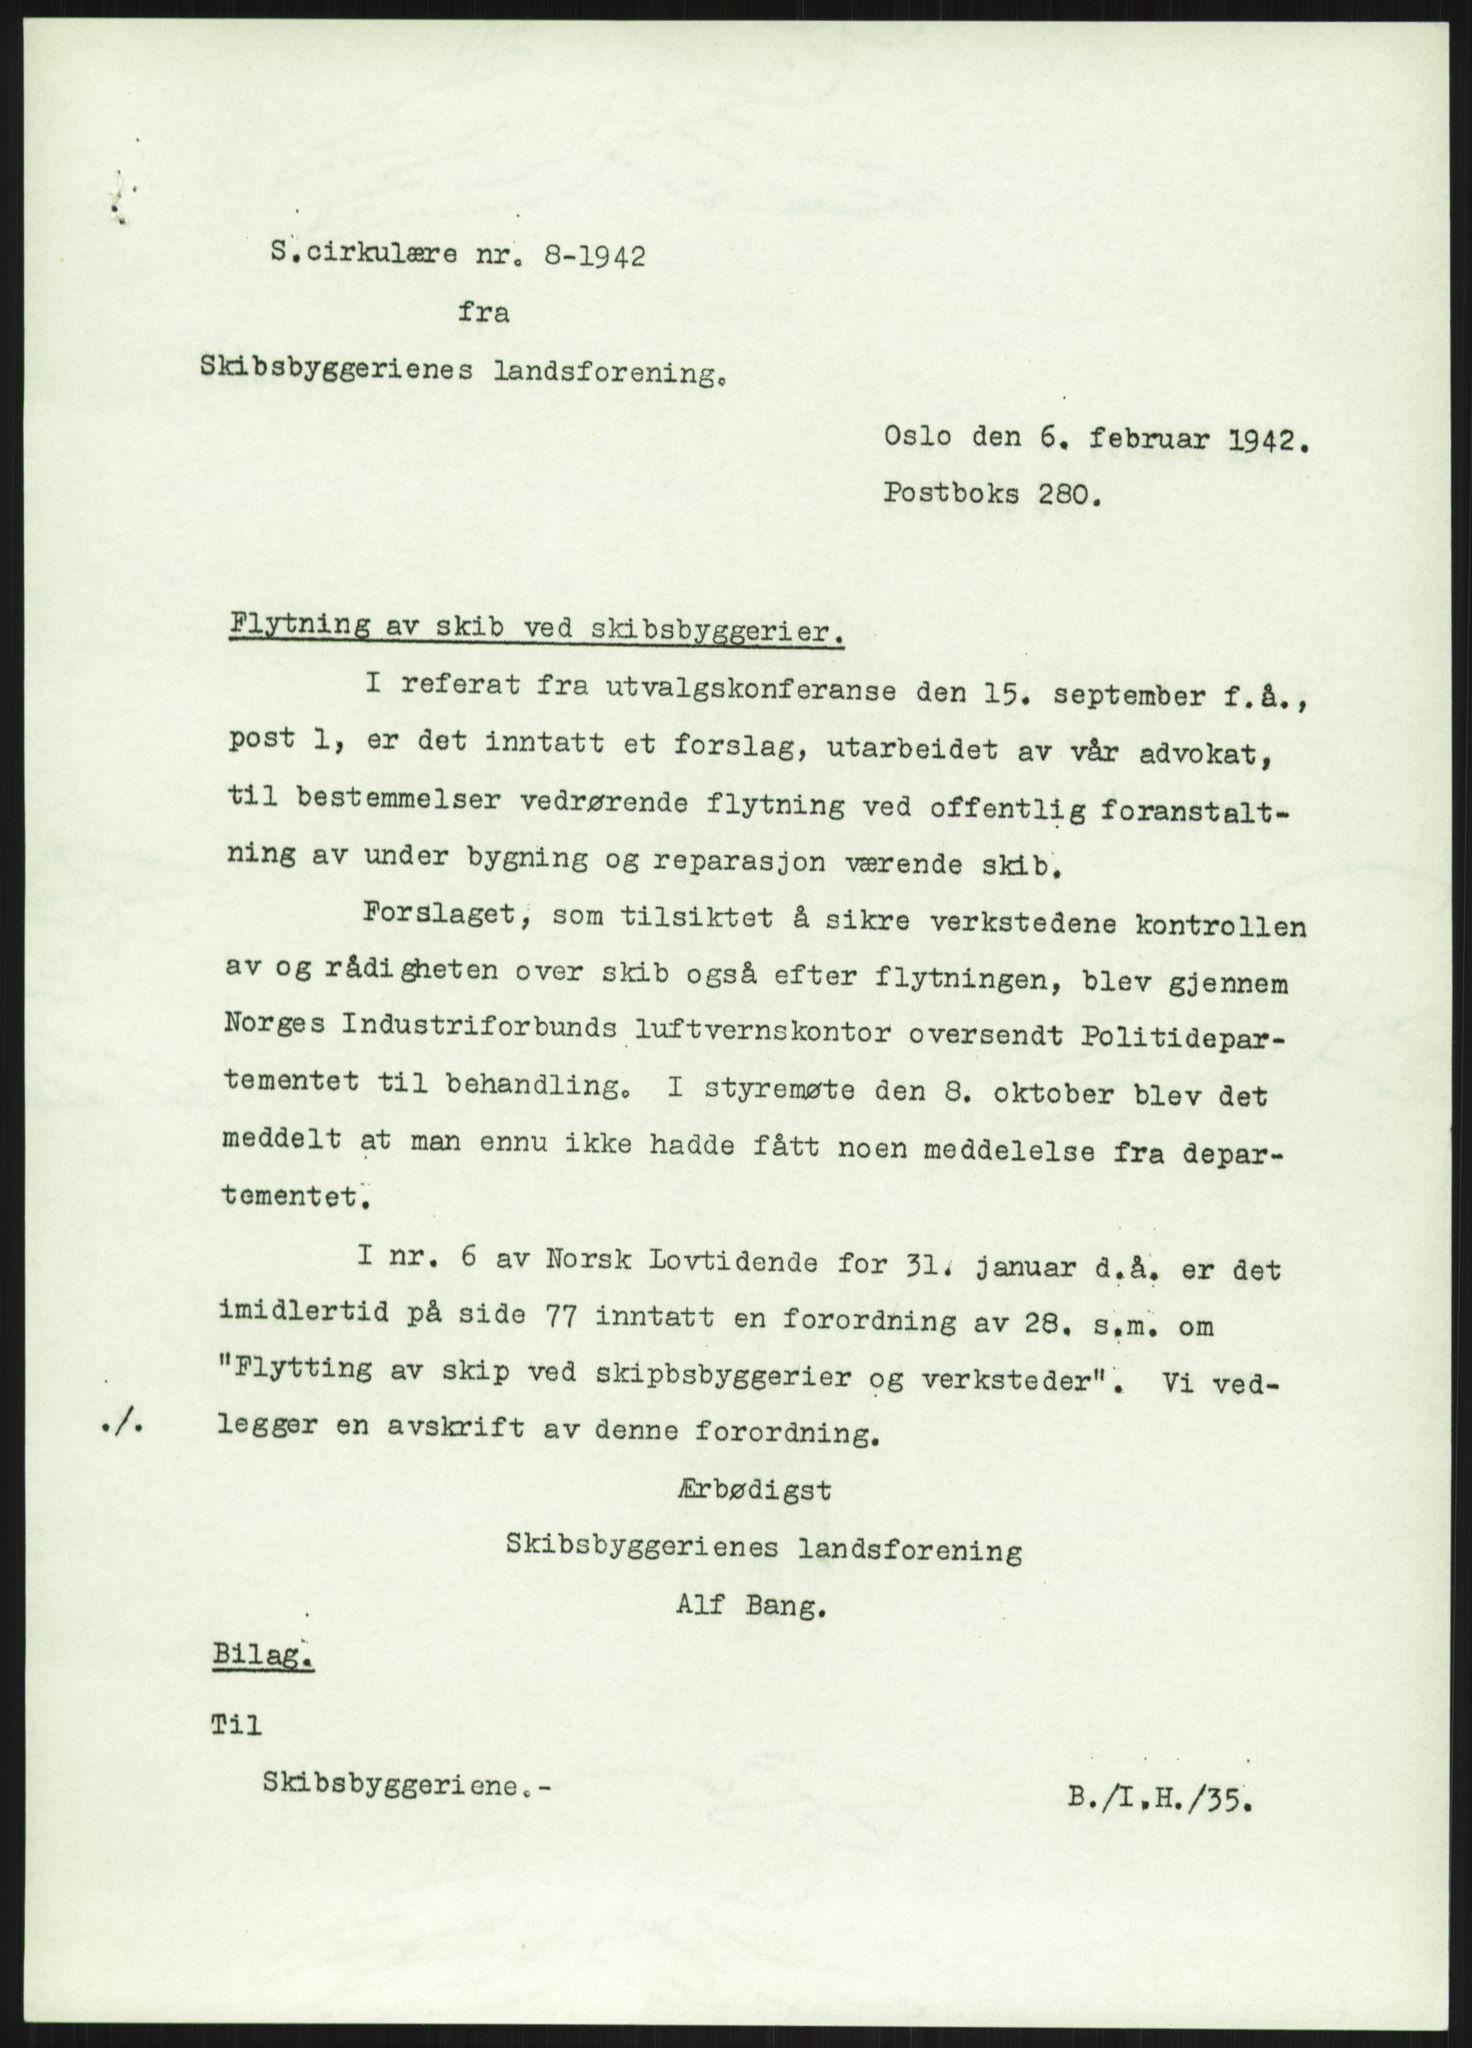 RA, Teknologibedriftenes Landsforening TBL, E/L0010: Boks med 6 mappe, 1941-1943, s. 1